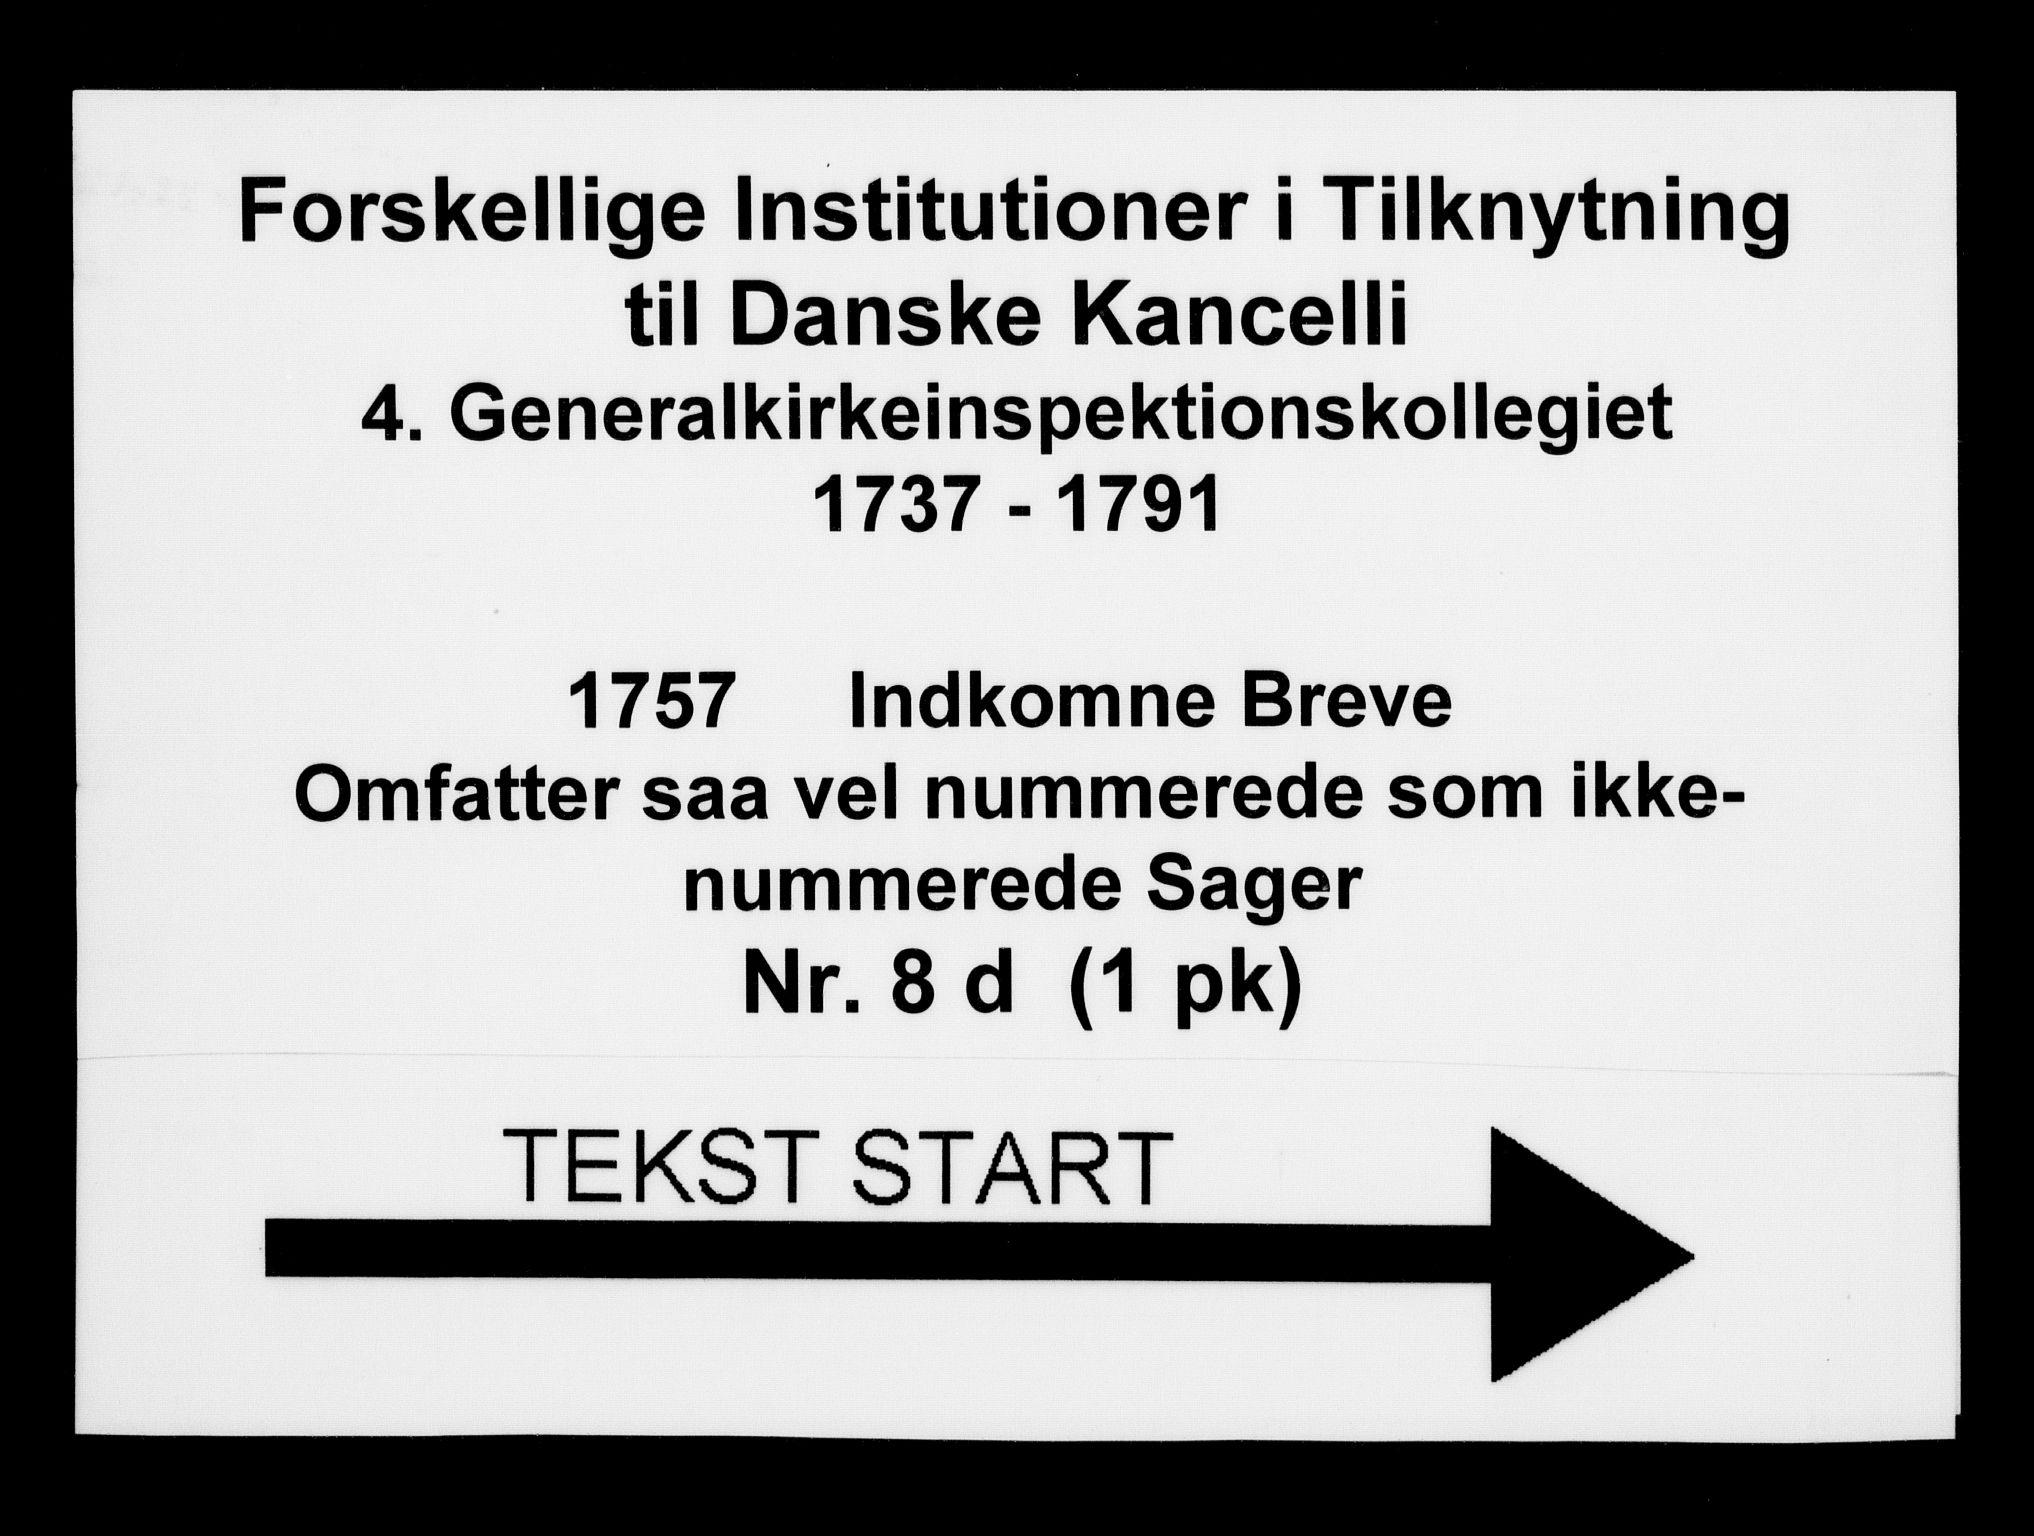 DRA, Generalkirkeinspektionskollegiet, F4-08/F4-08-04: Indkomne sager, 1757